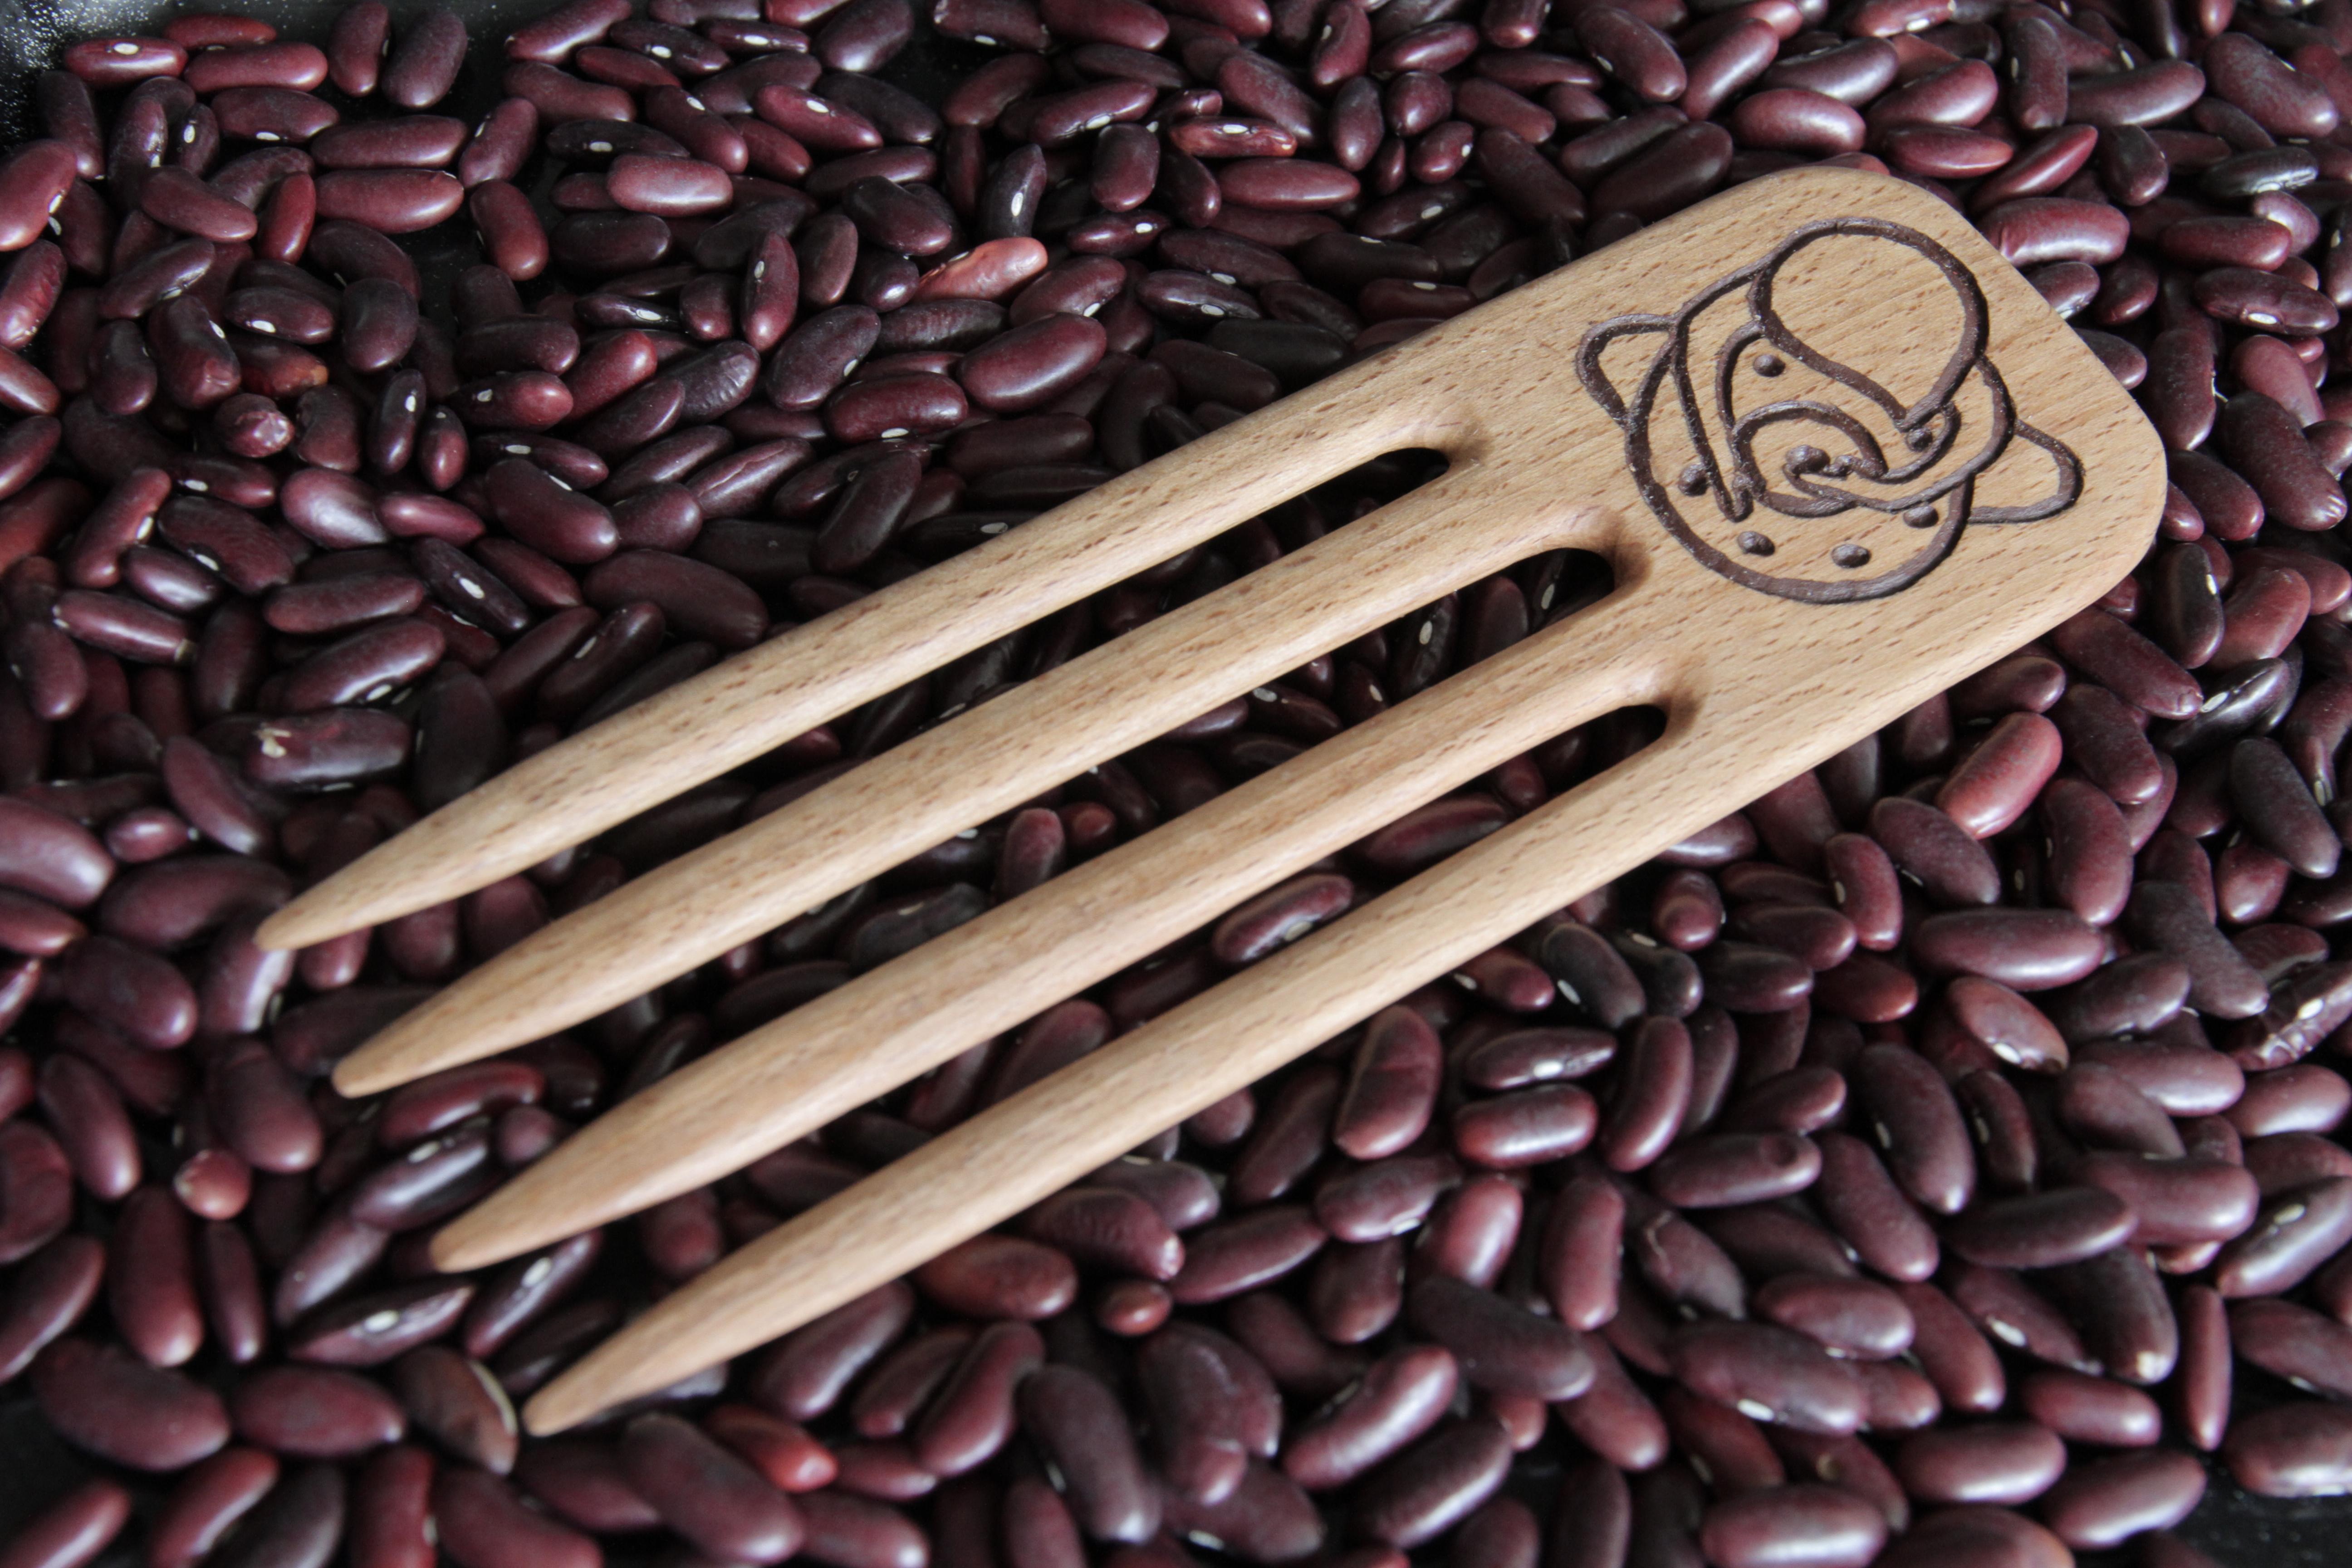 Гребень для волос. Handmade wooden comb comb-1